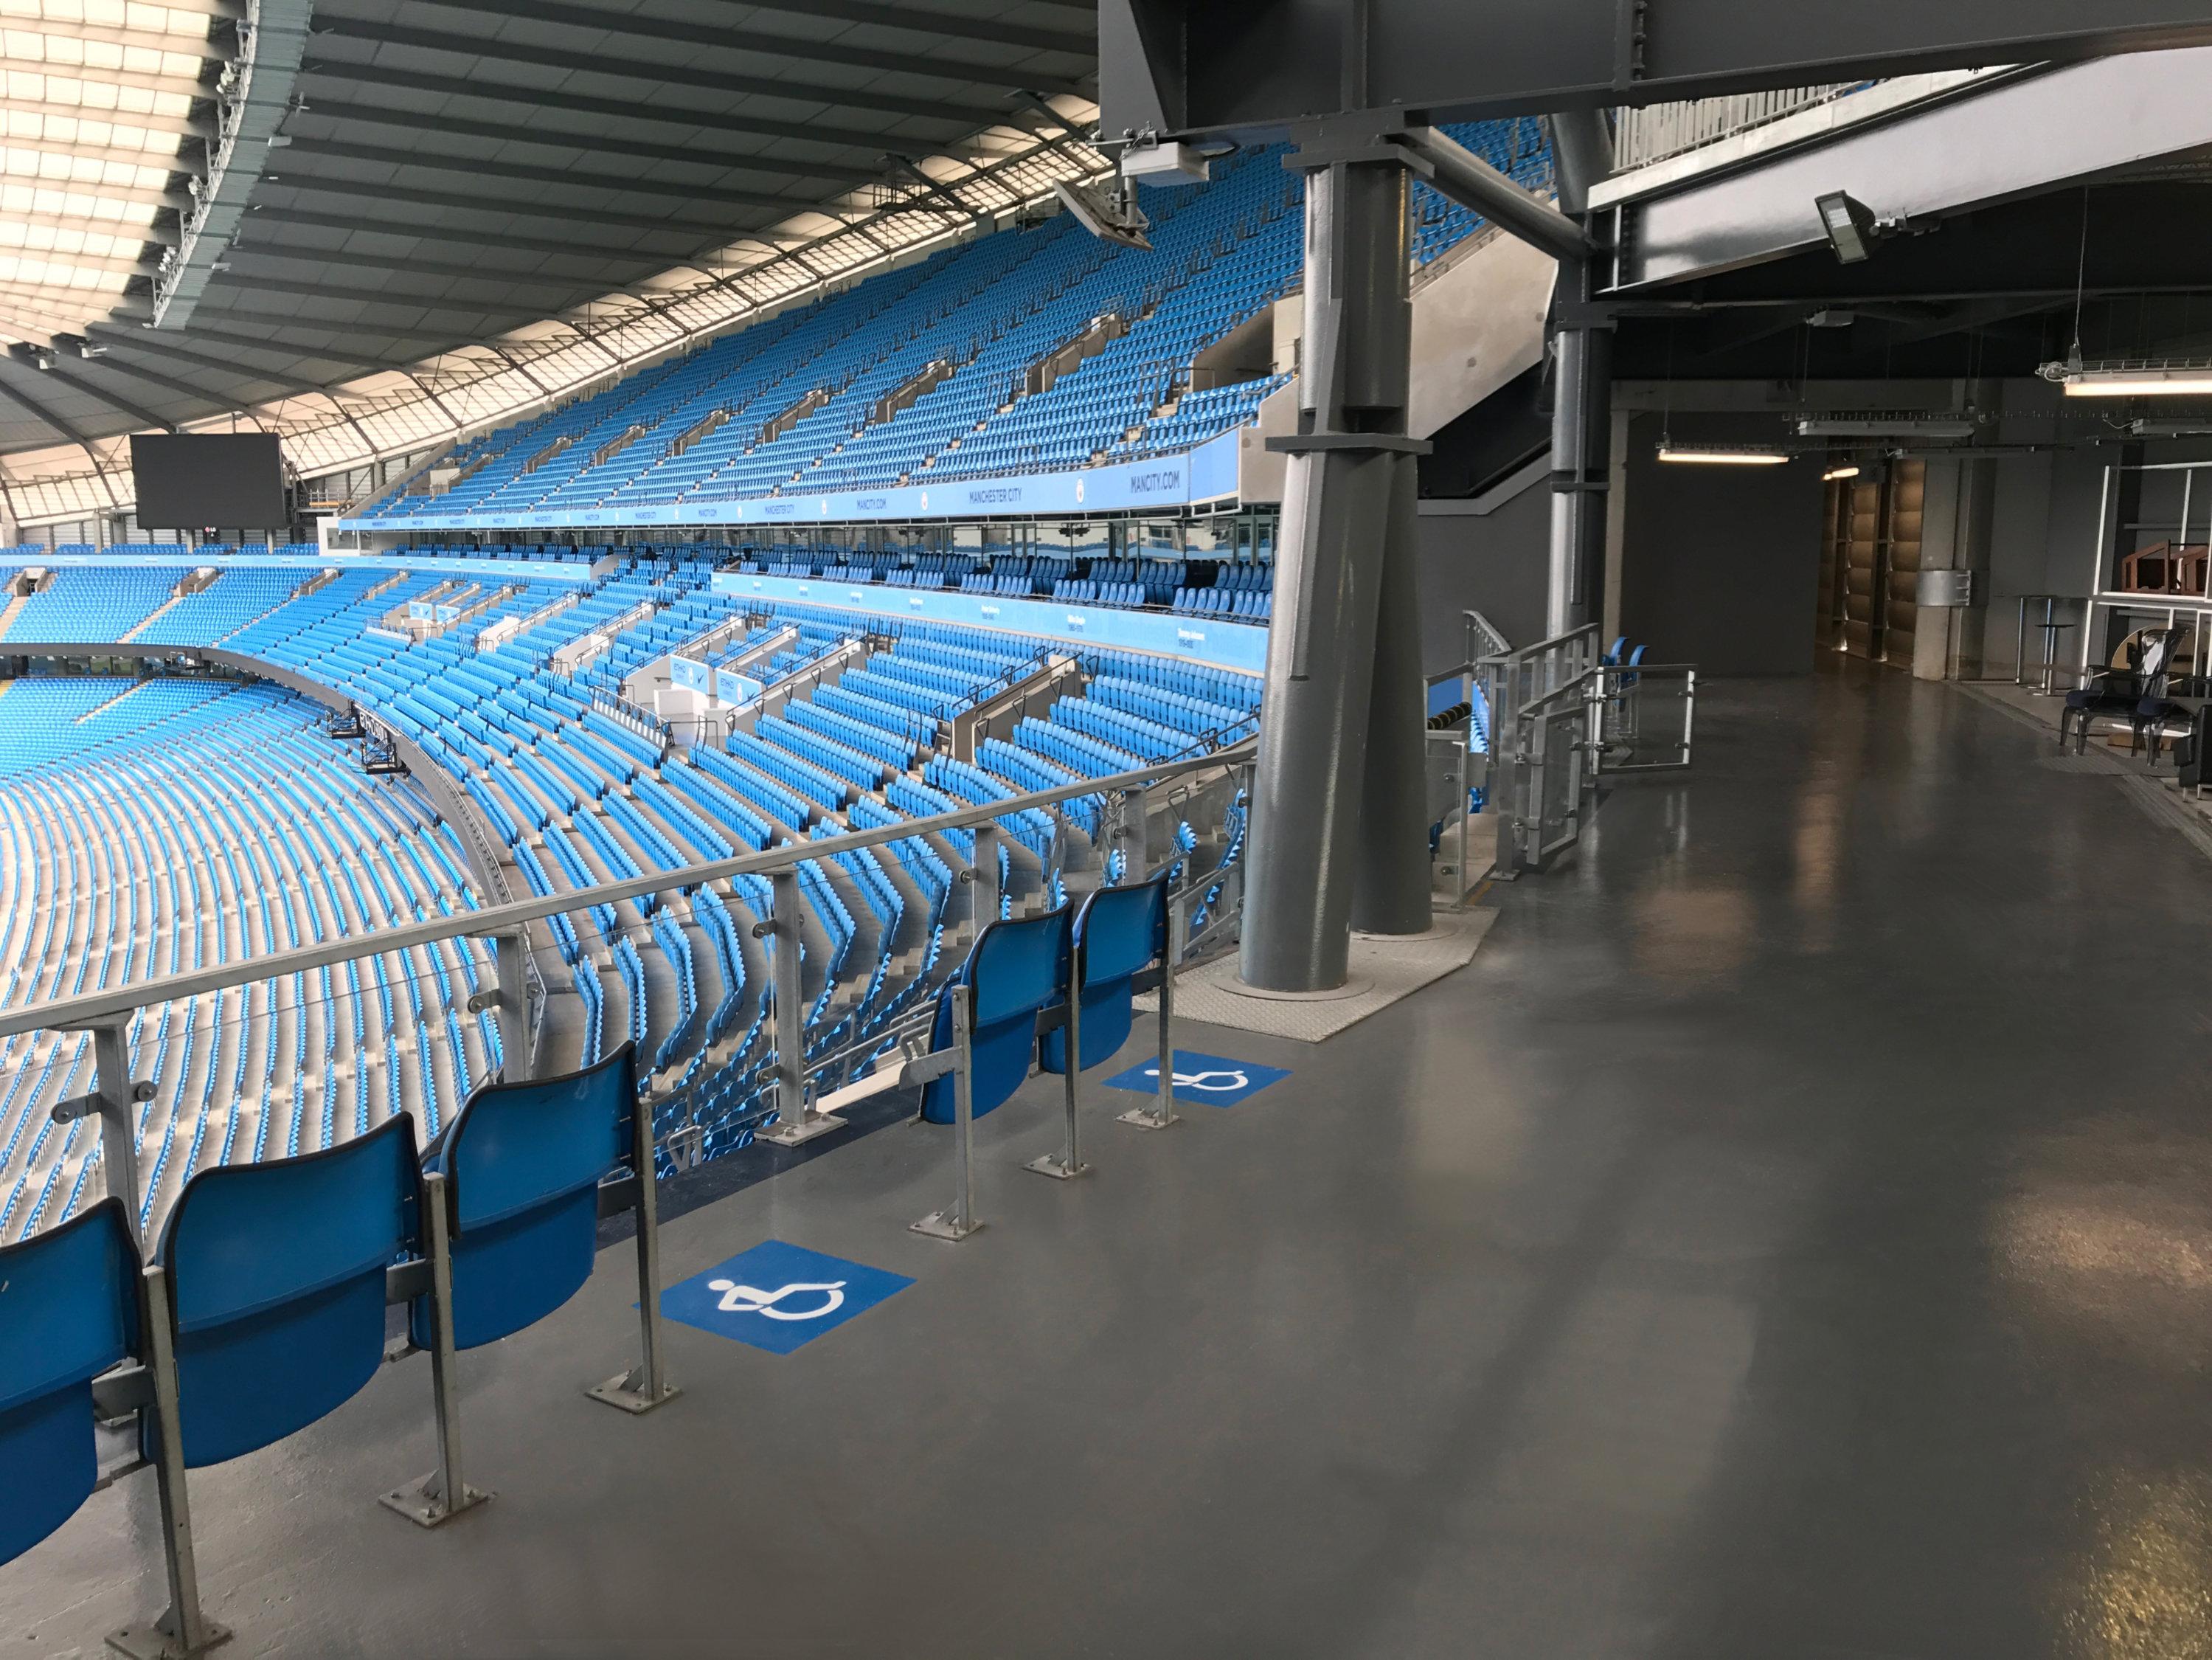 Resin floor in stadium concourse